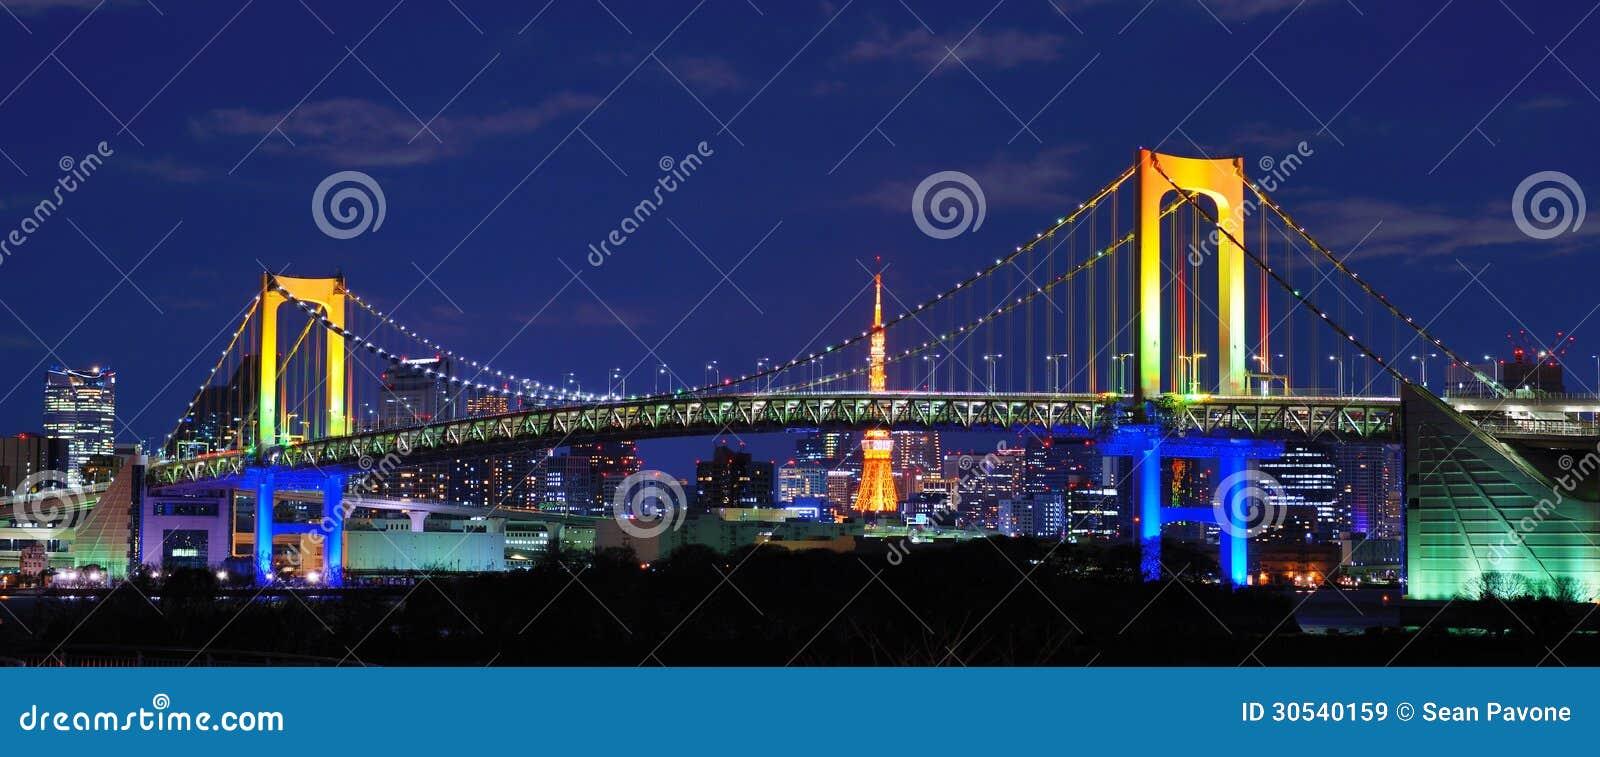 Rainbow Bridge Royalty Free Stock Images Image 30540159